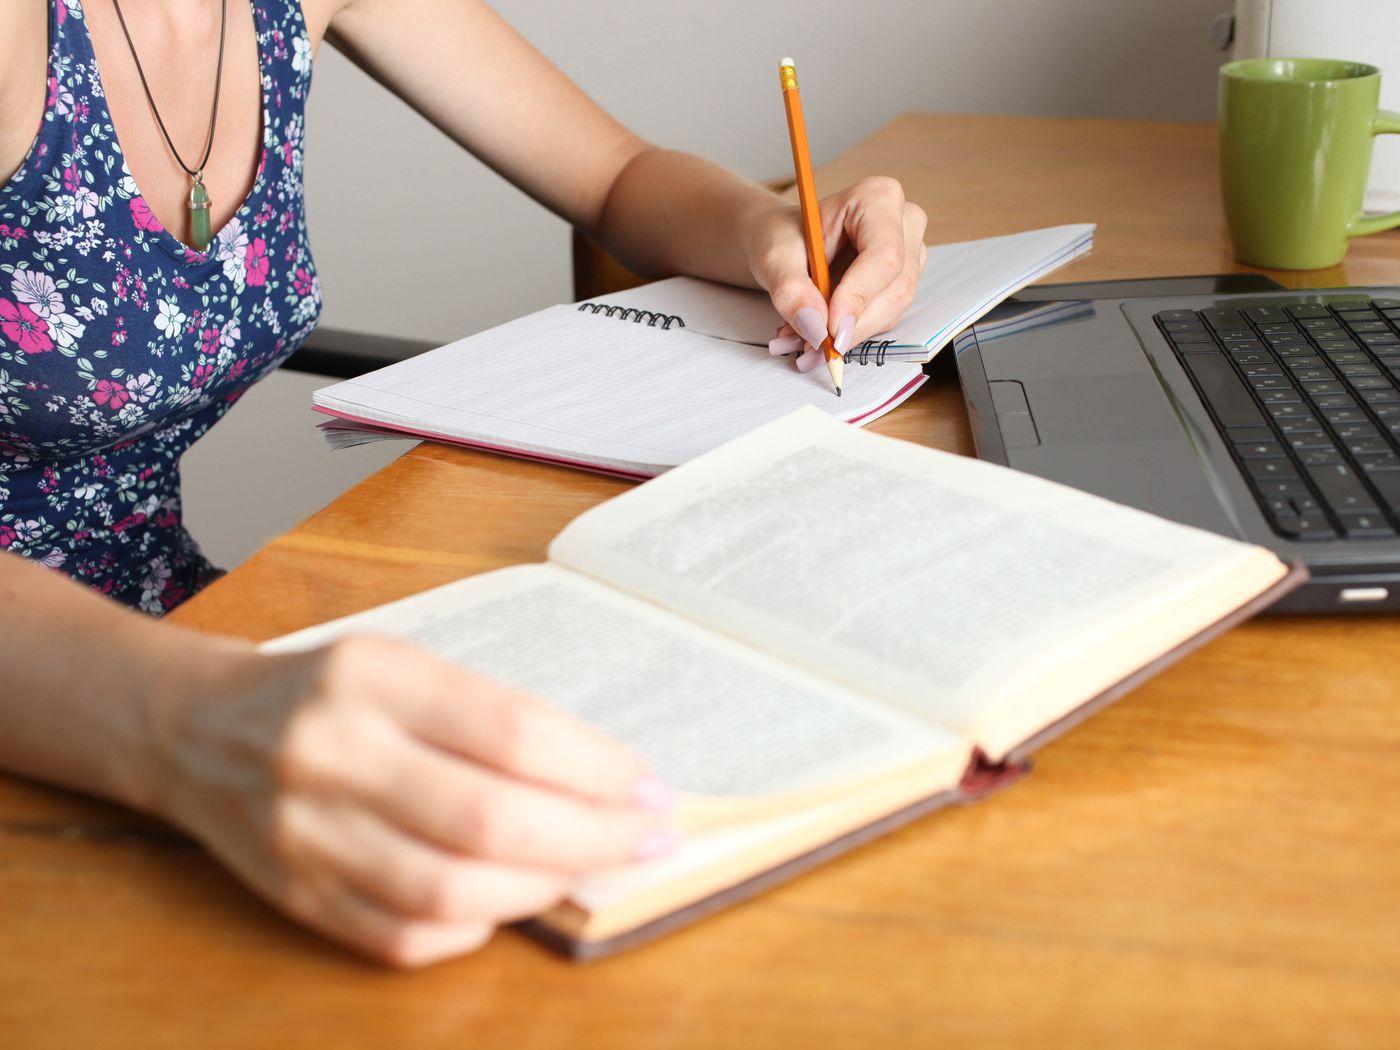 EssayBot will do your homework  But it won't get you an A  - Vox